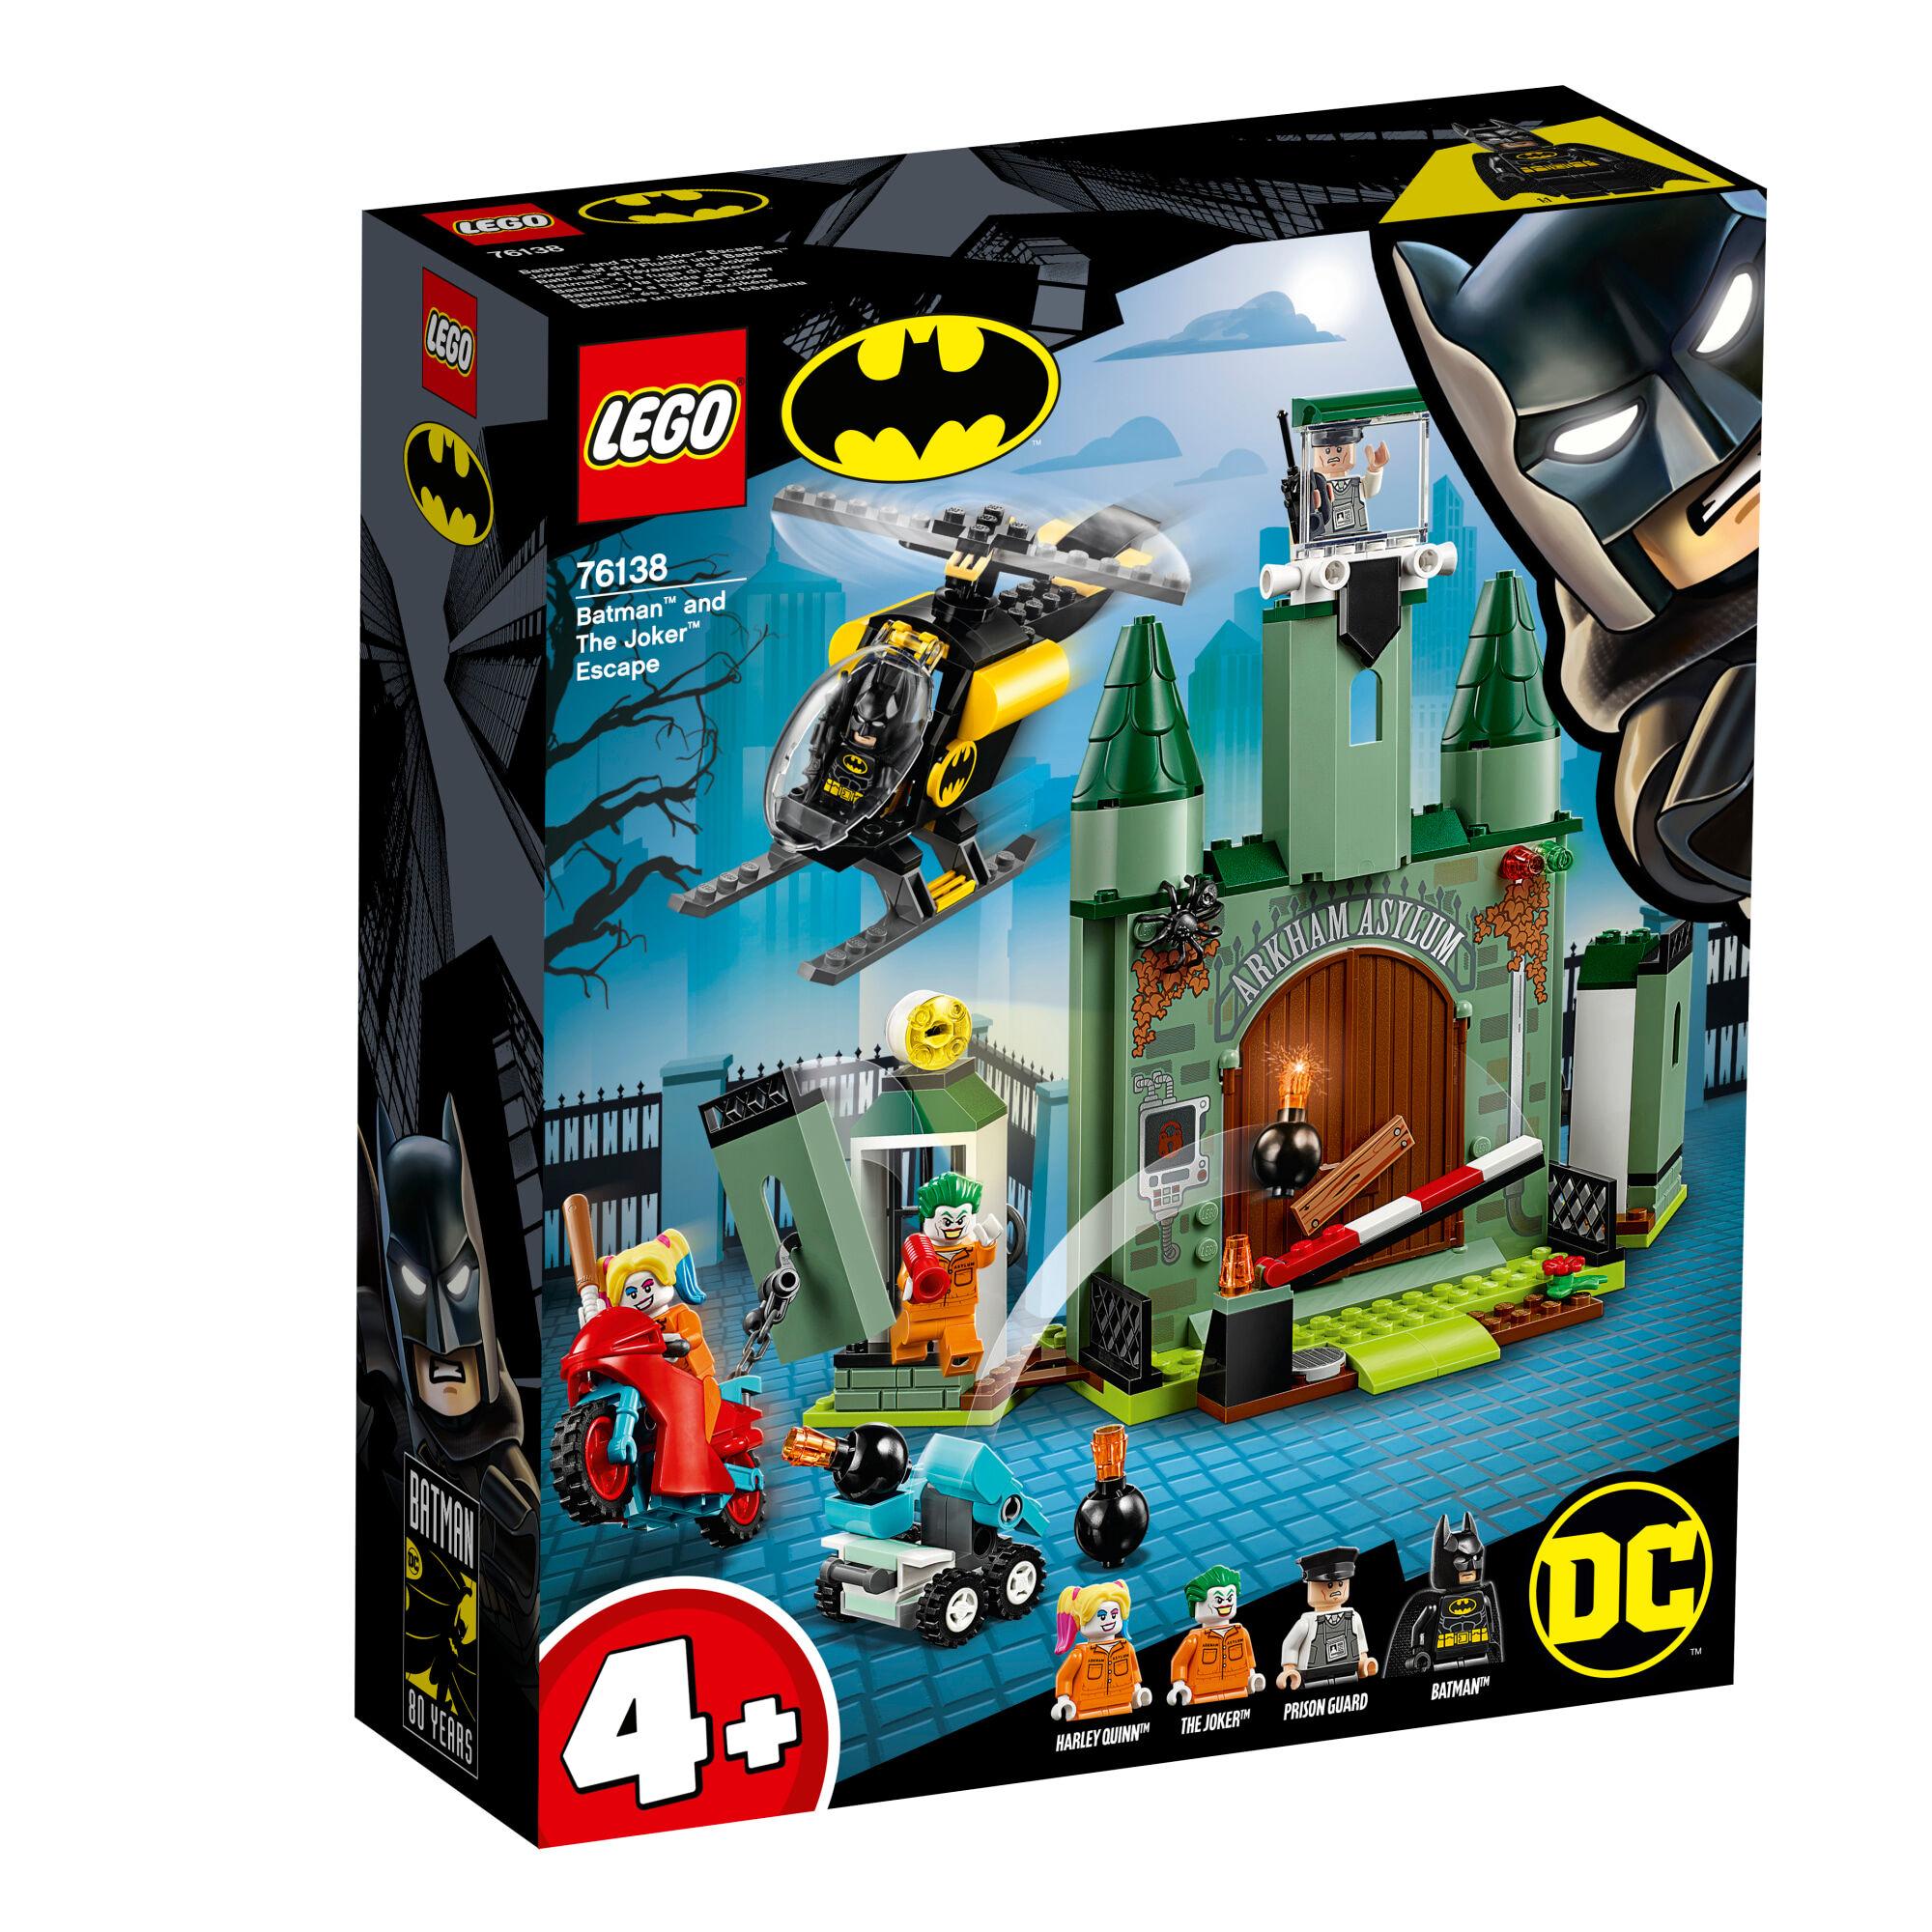 Lego 76138 Super Heroes Batman™ ja Jokerin™ pako